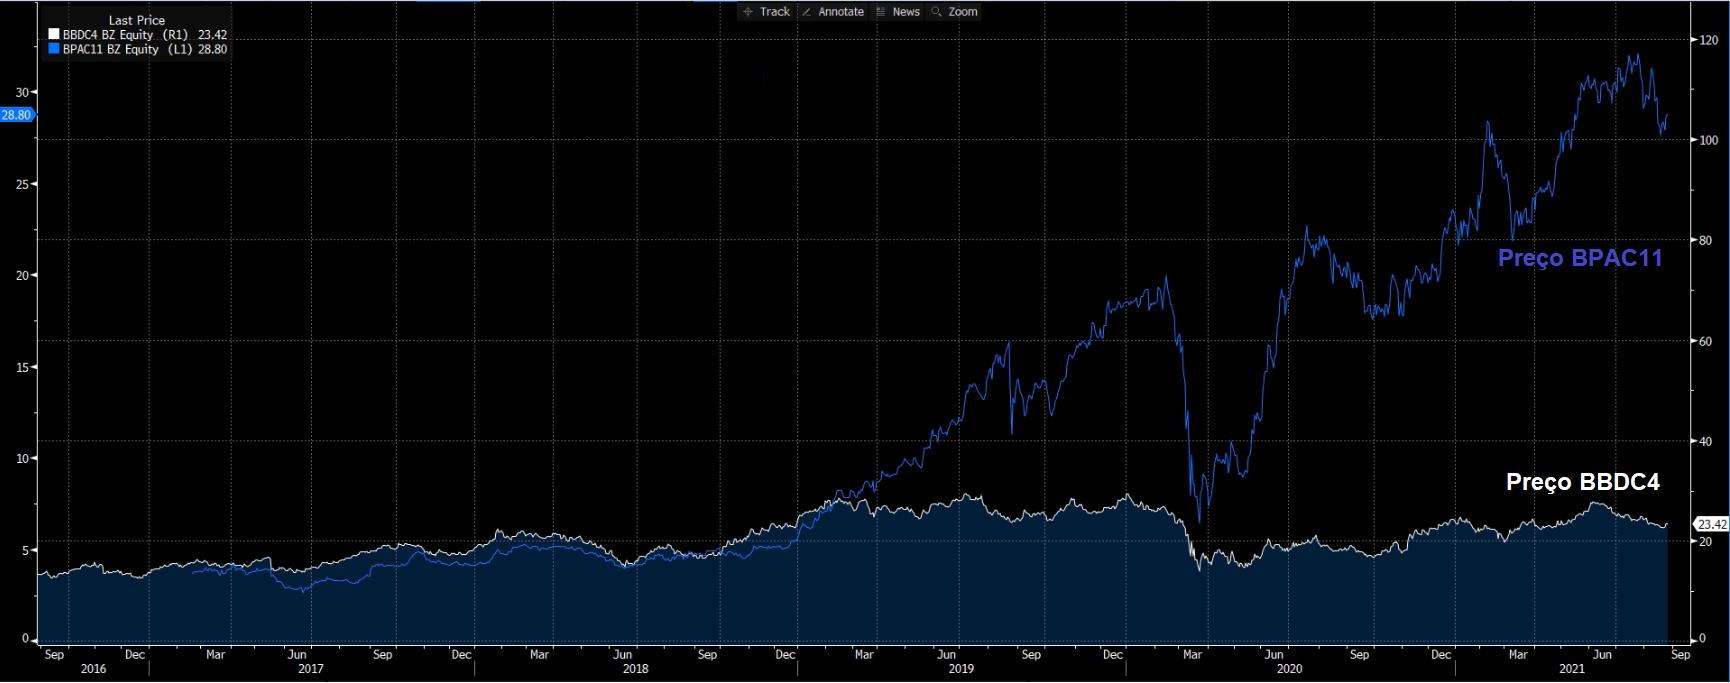 Gráfico apresenta histórico de cotações BTG Pactual (azul) e Bradesco (branco).